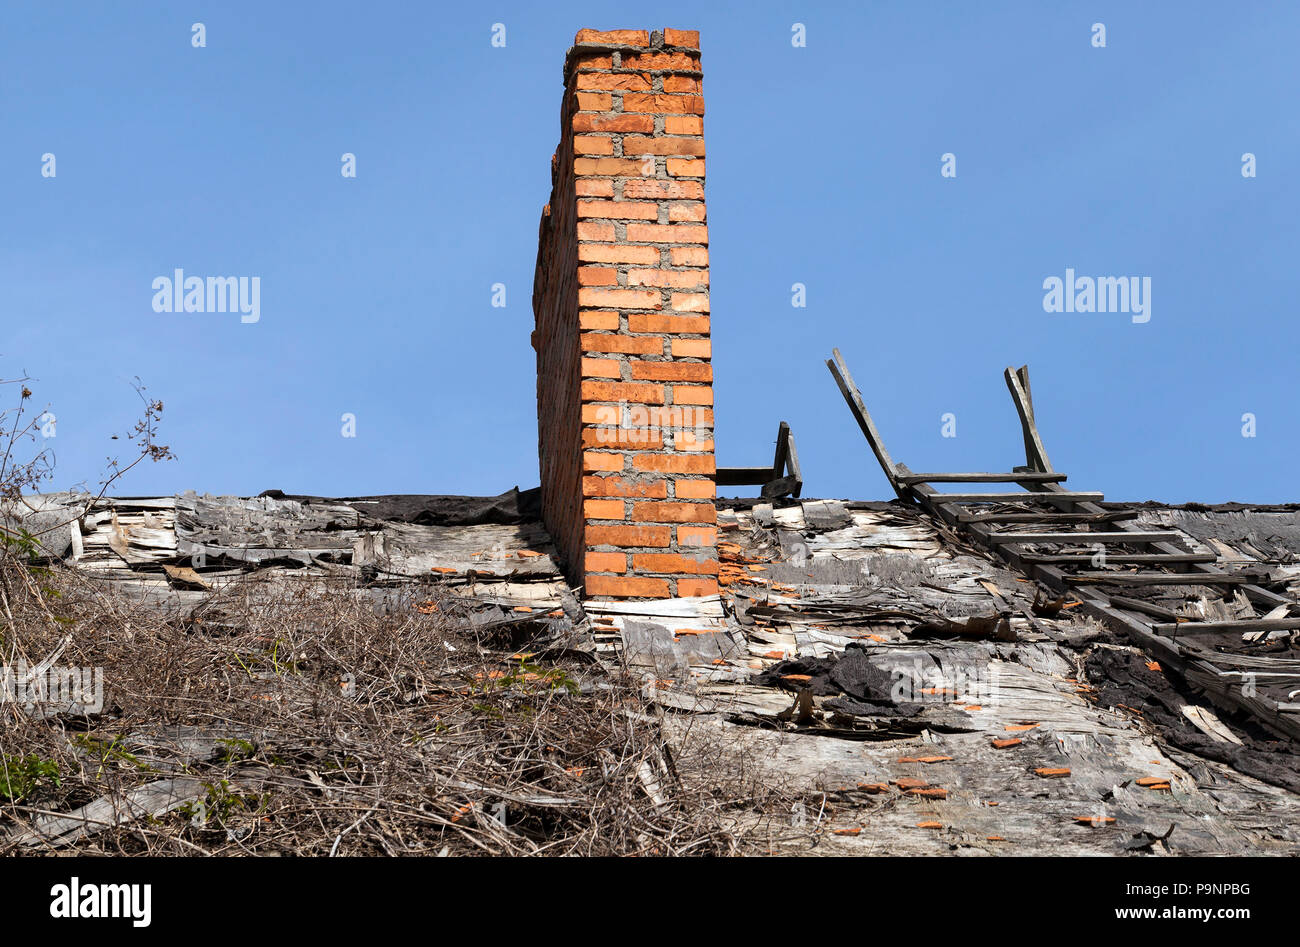 Conduit De Cheminee En Brique Rouge vieille cheminée de brique rouge sur le toit de l'ancien